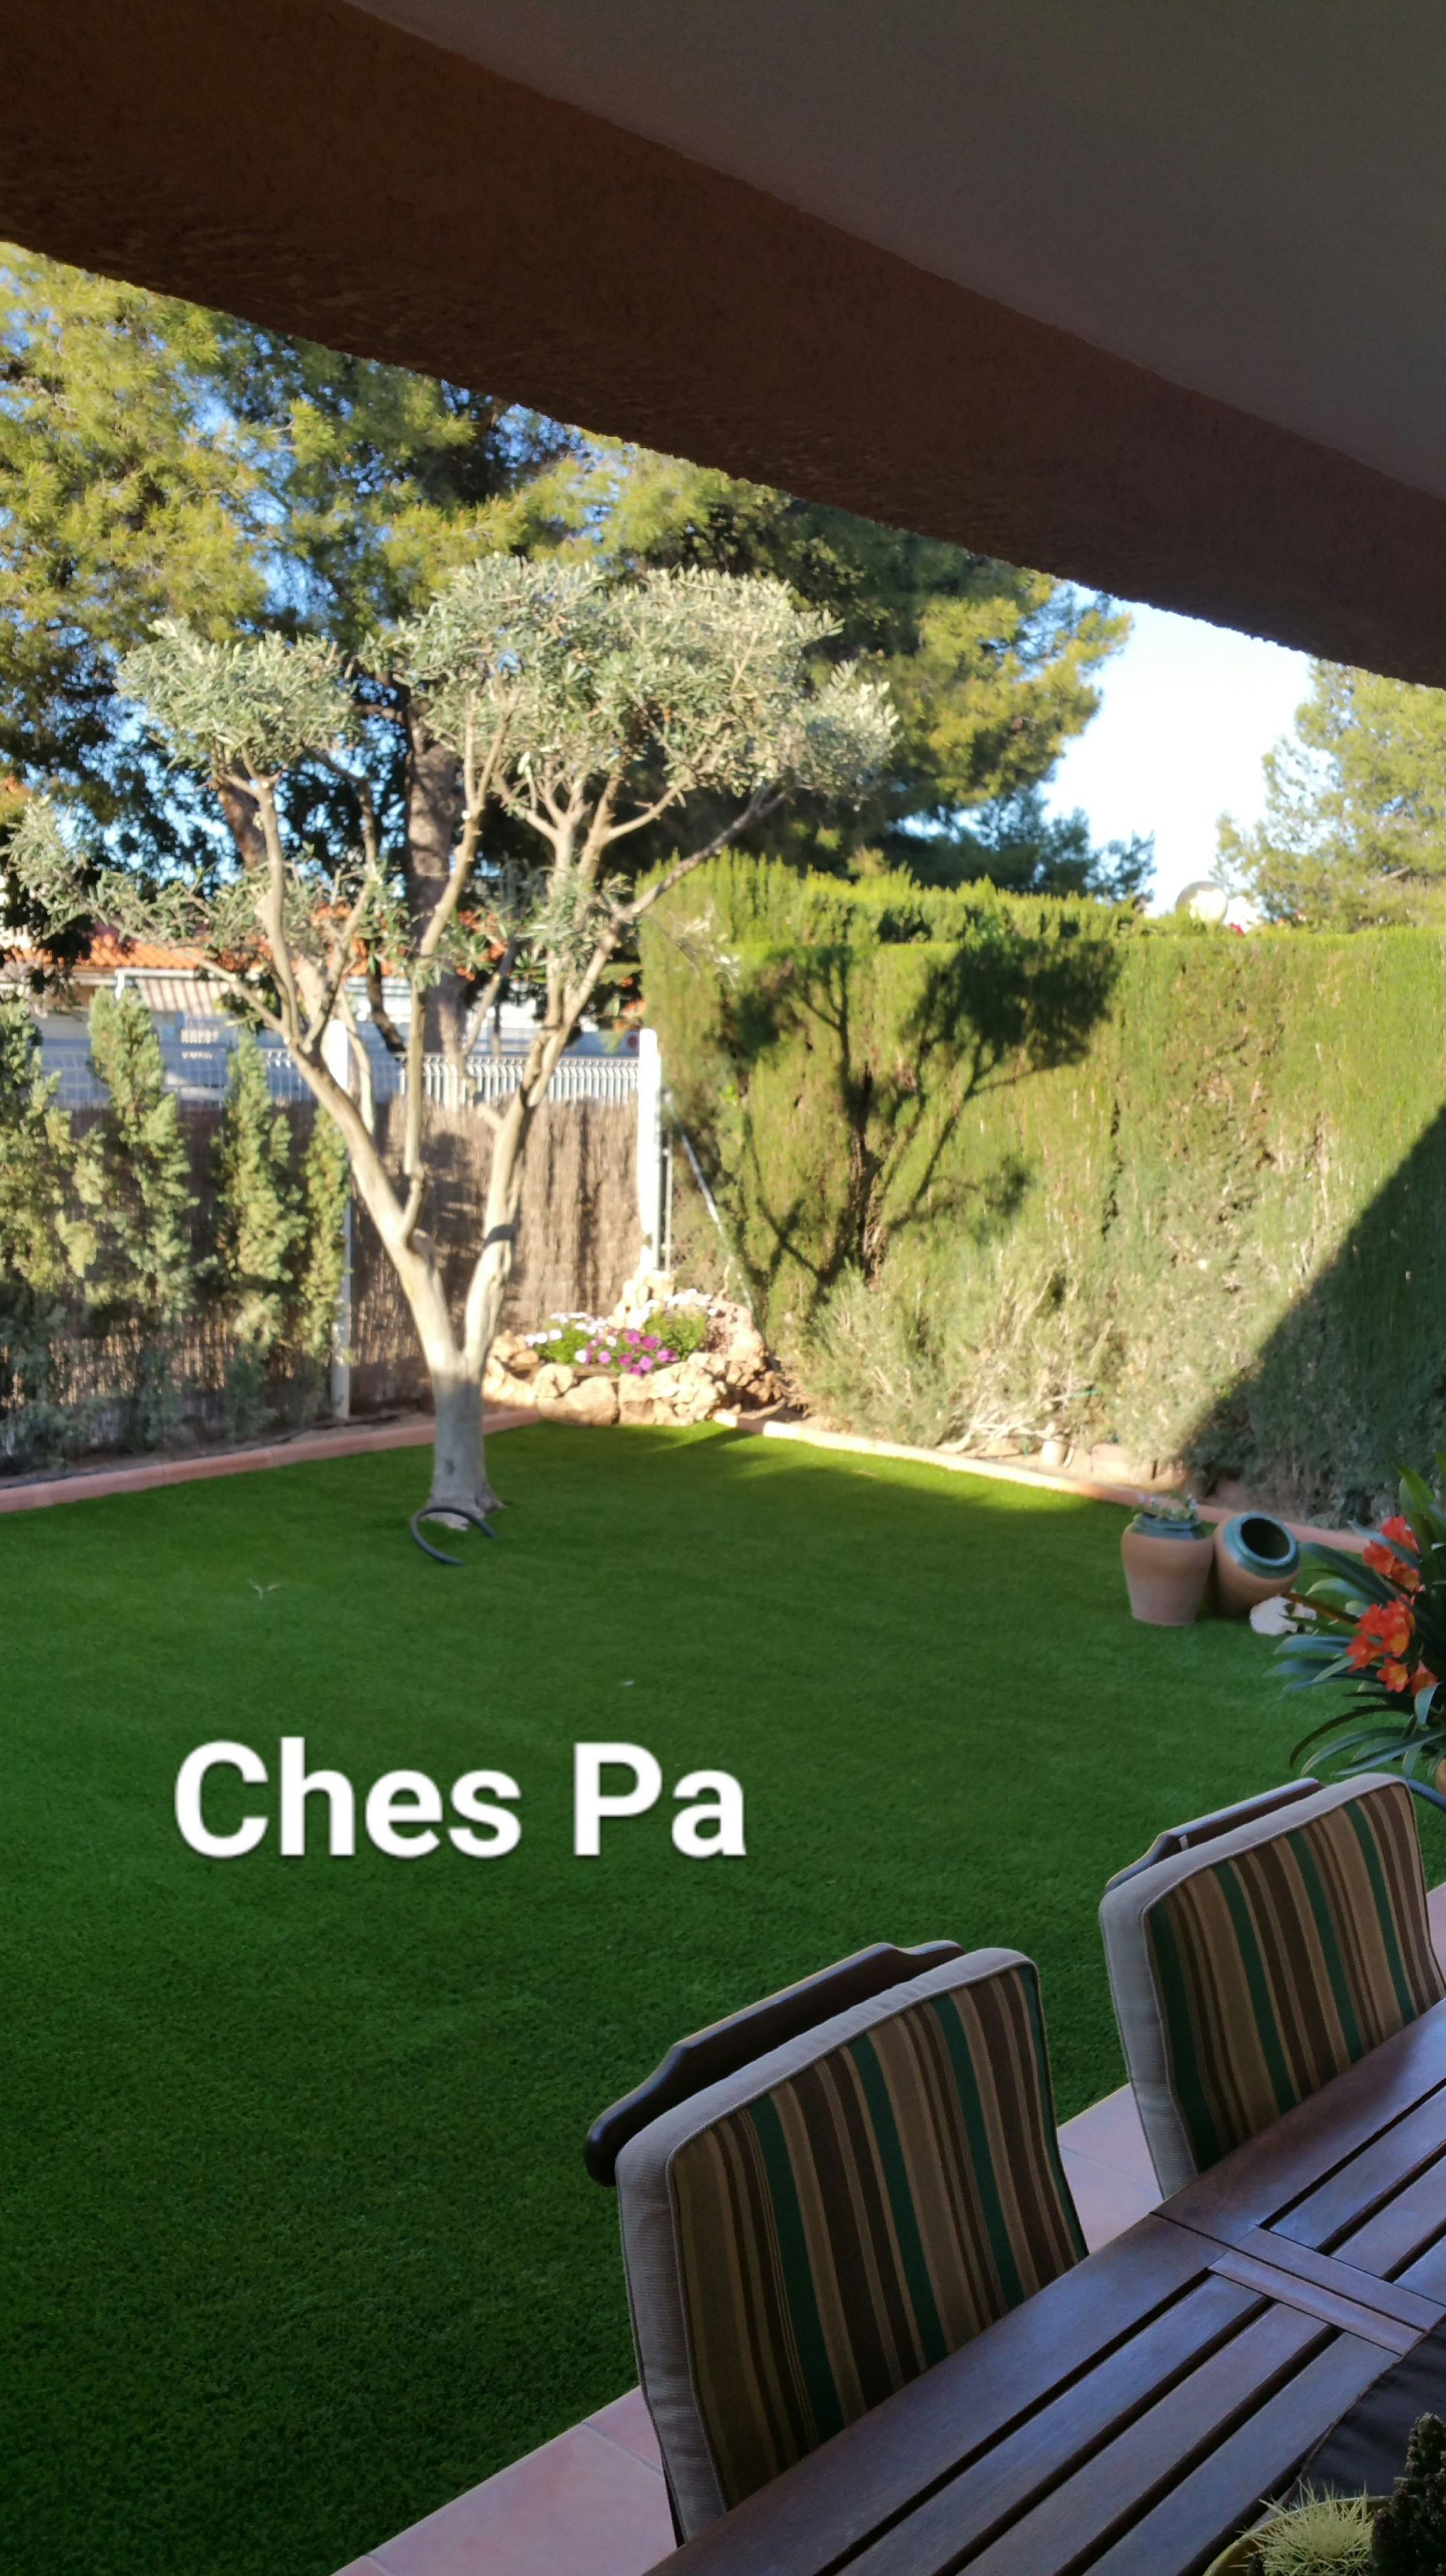 Foto 545 de Diseño y mantenimiento de jardines en Bétera | Ches Pa, S.L.